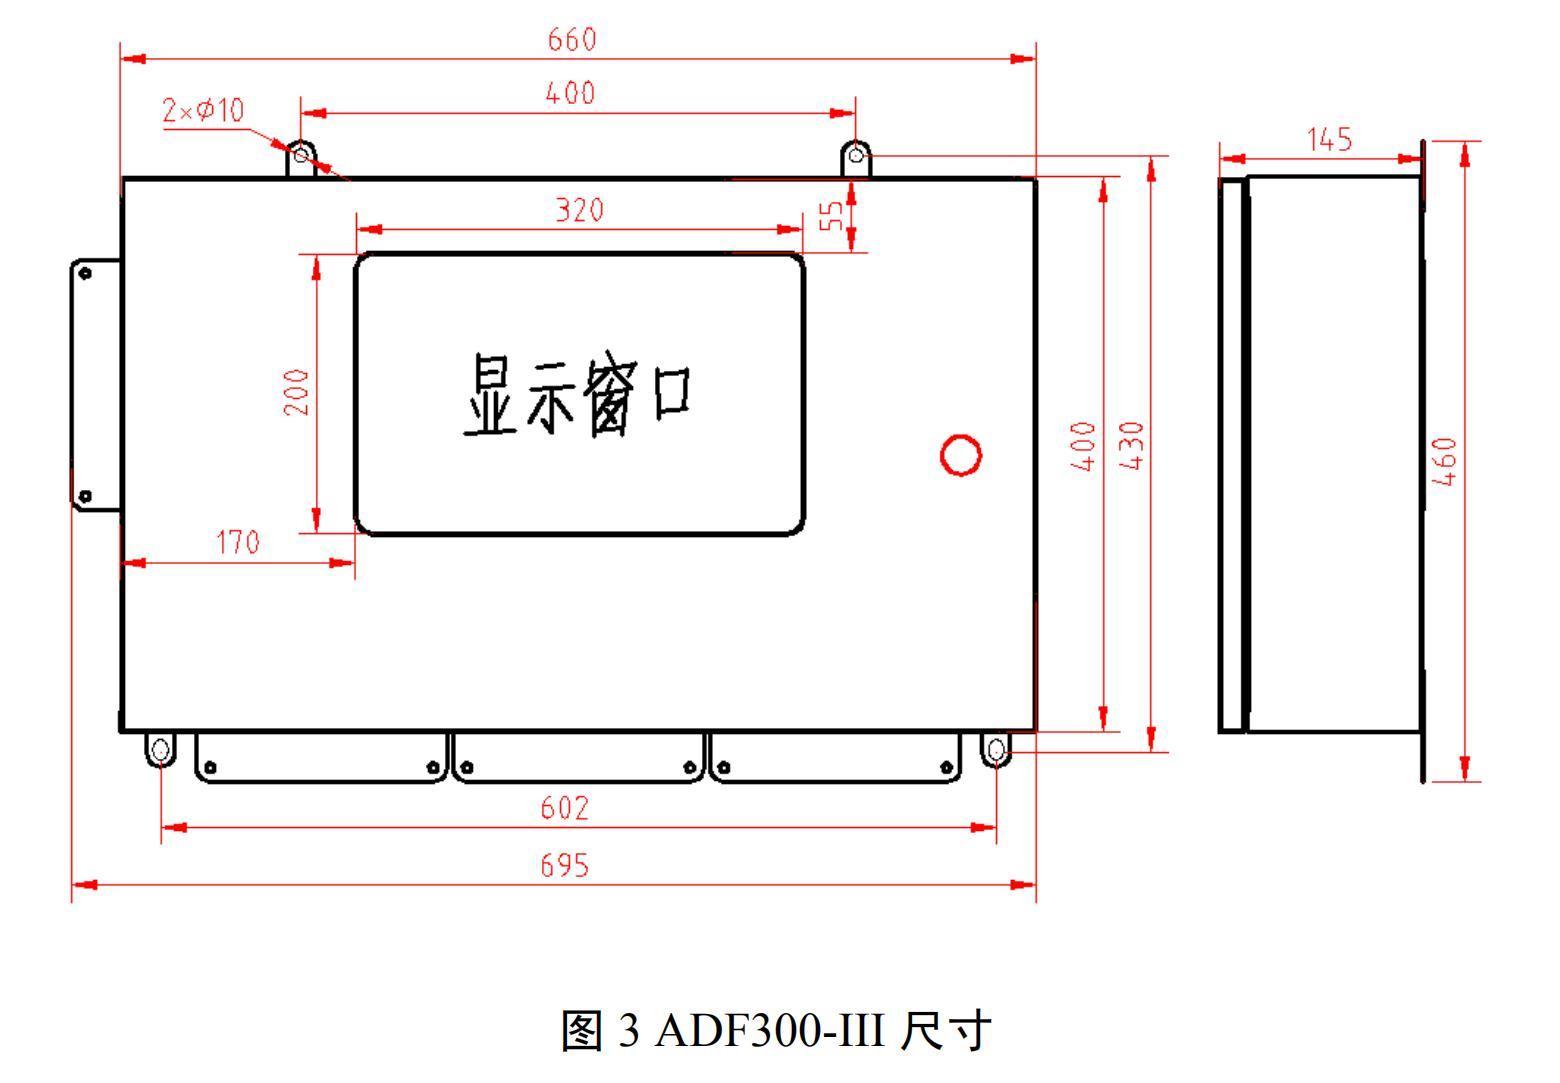 园区运维售电平台 安科瑞ADF300L-I-12D 多用户电能计量箱 防窃电计量示例图7